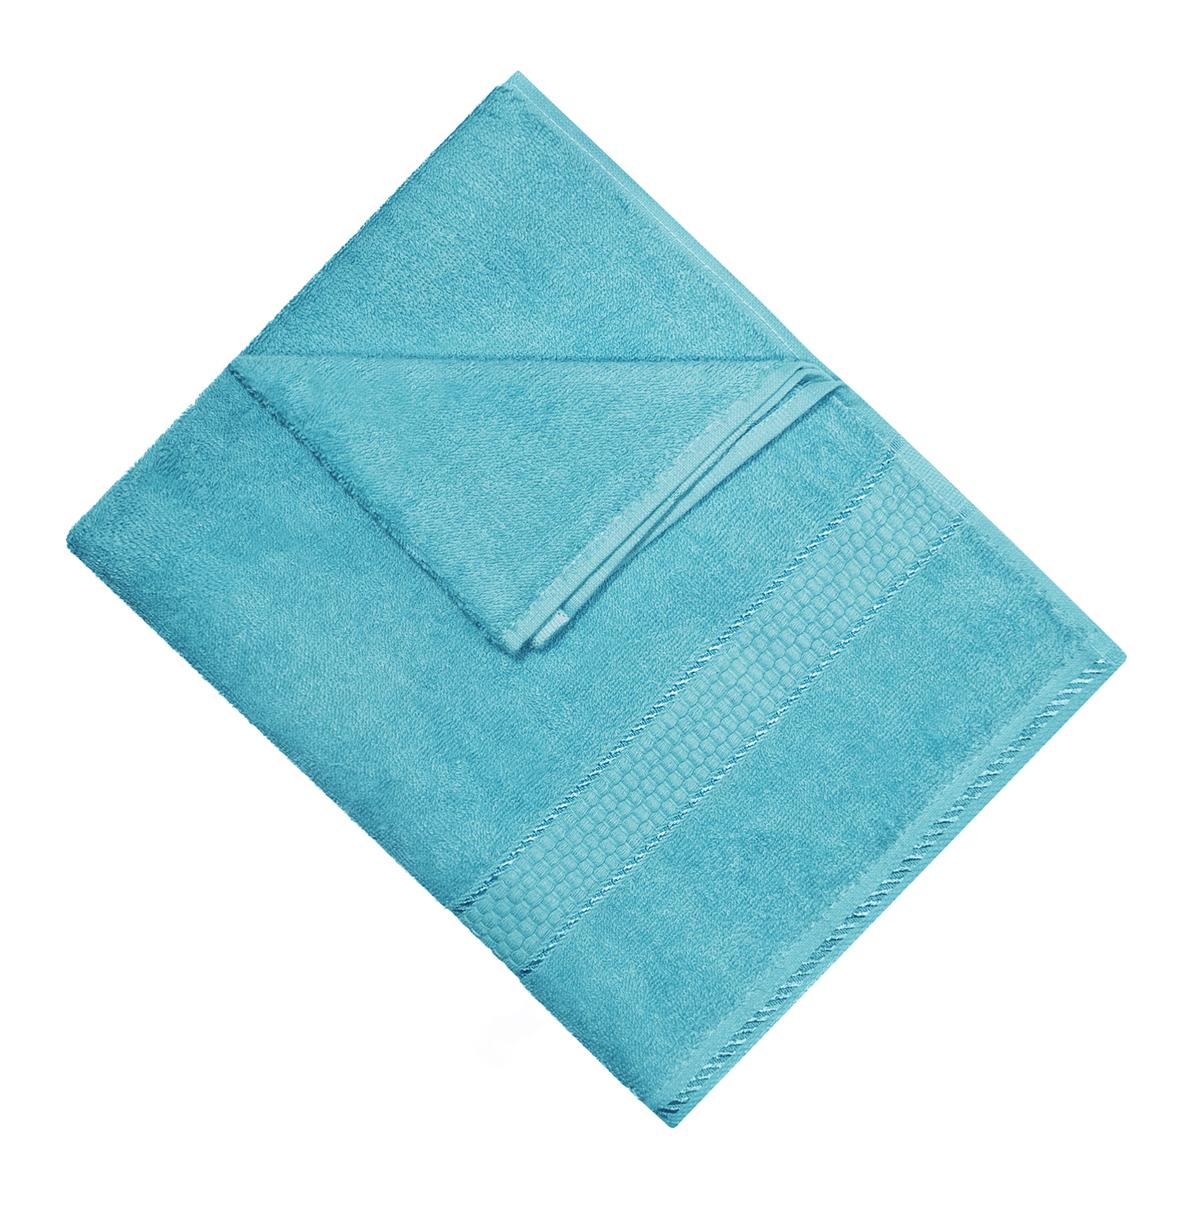 Полотенце махровое Osborn Textile, цвет: бирюзовый, 50 х 90 см98299571В состав полотенца Osborn Textile входит только натуральное волокно - хлопок. Лаконичные бордюры подойдут для любого интерьера ванной комнаты. Полотенце прекрасно впитывает влагу и быстро сохнет. При соблюдении рекомендаций по уходу не линяет и не теряет форму даже после многократных стирок. Плотность: 450 г/м2.